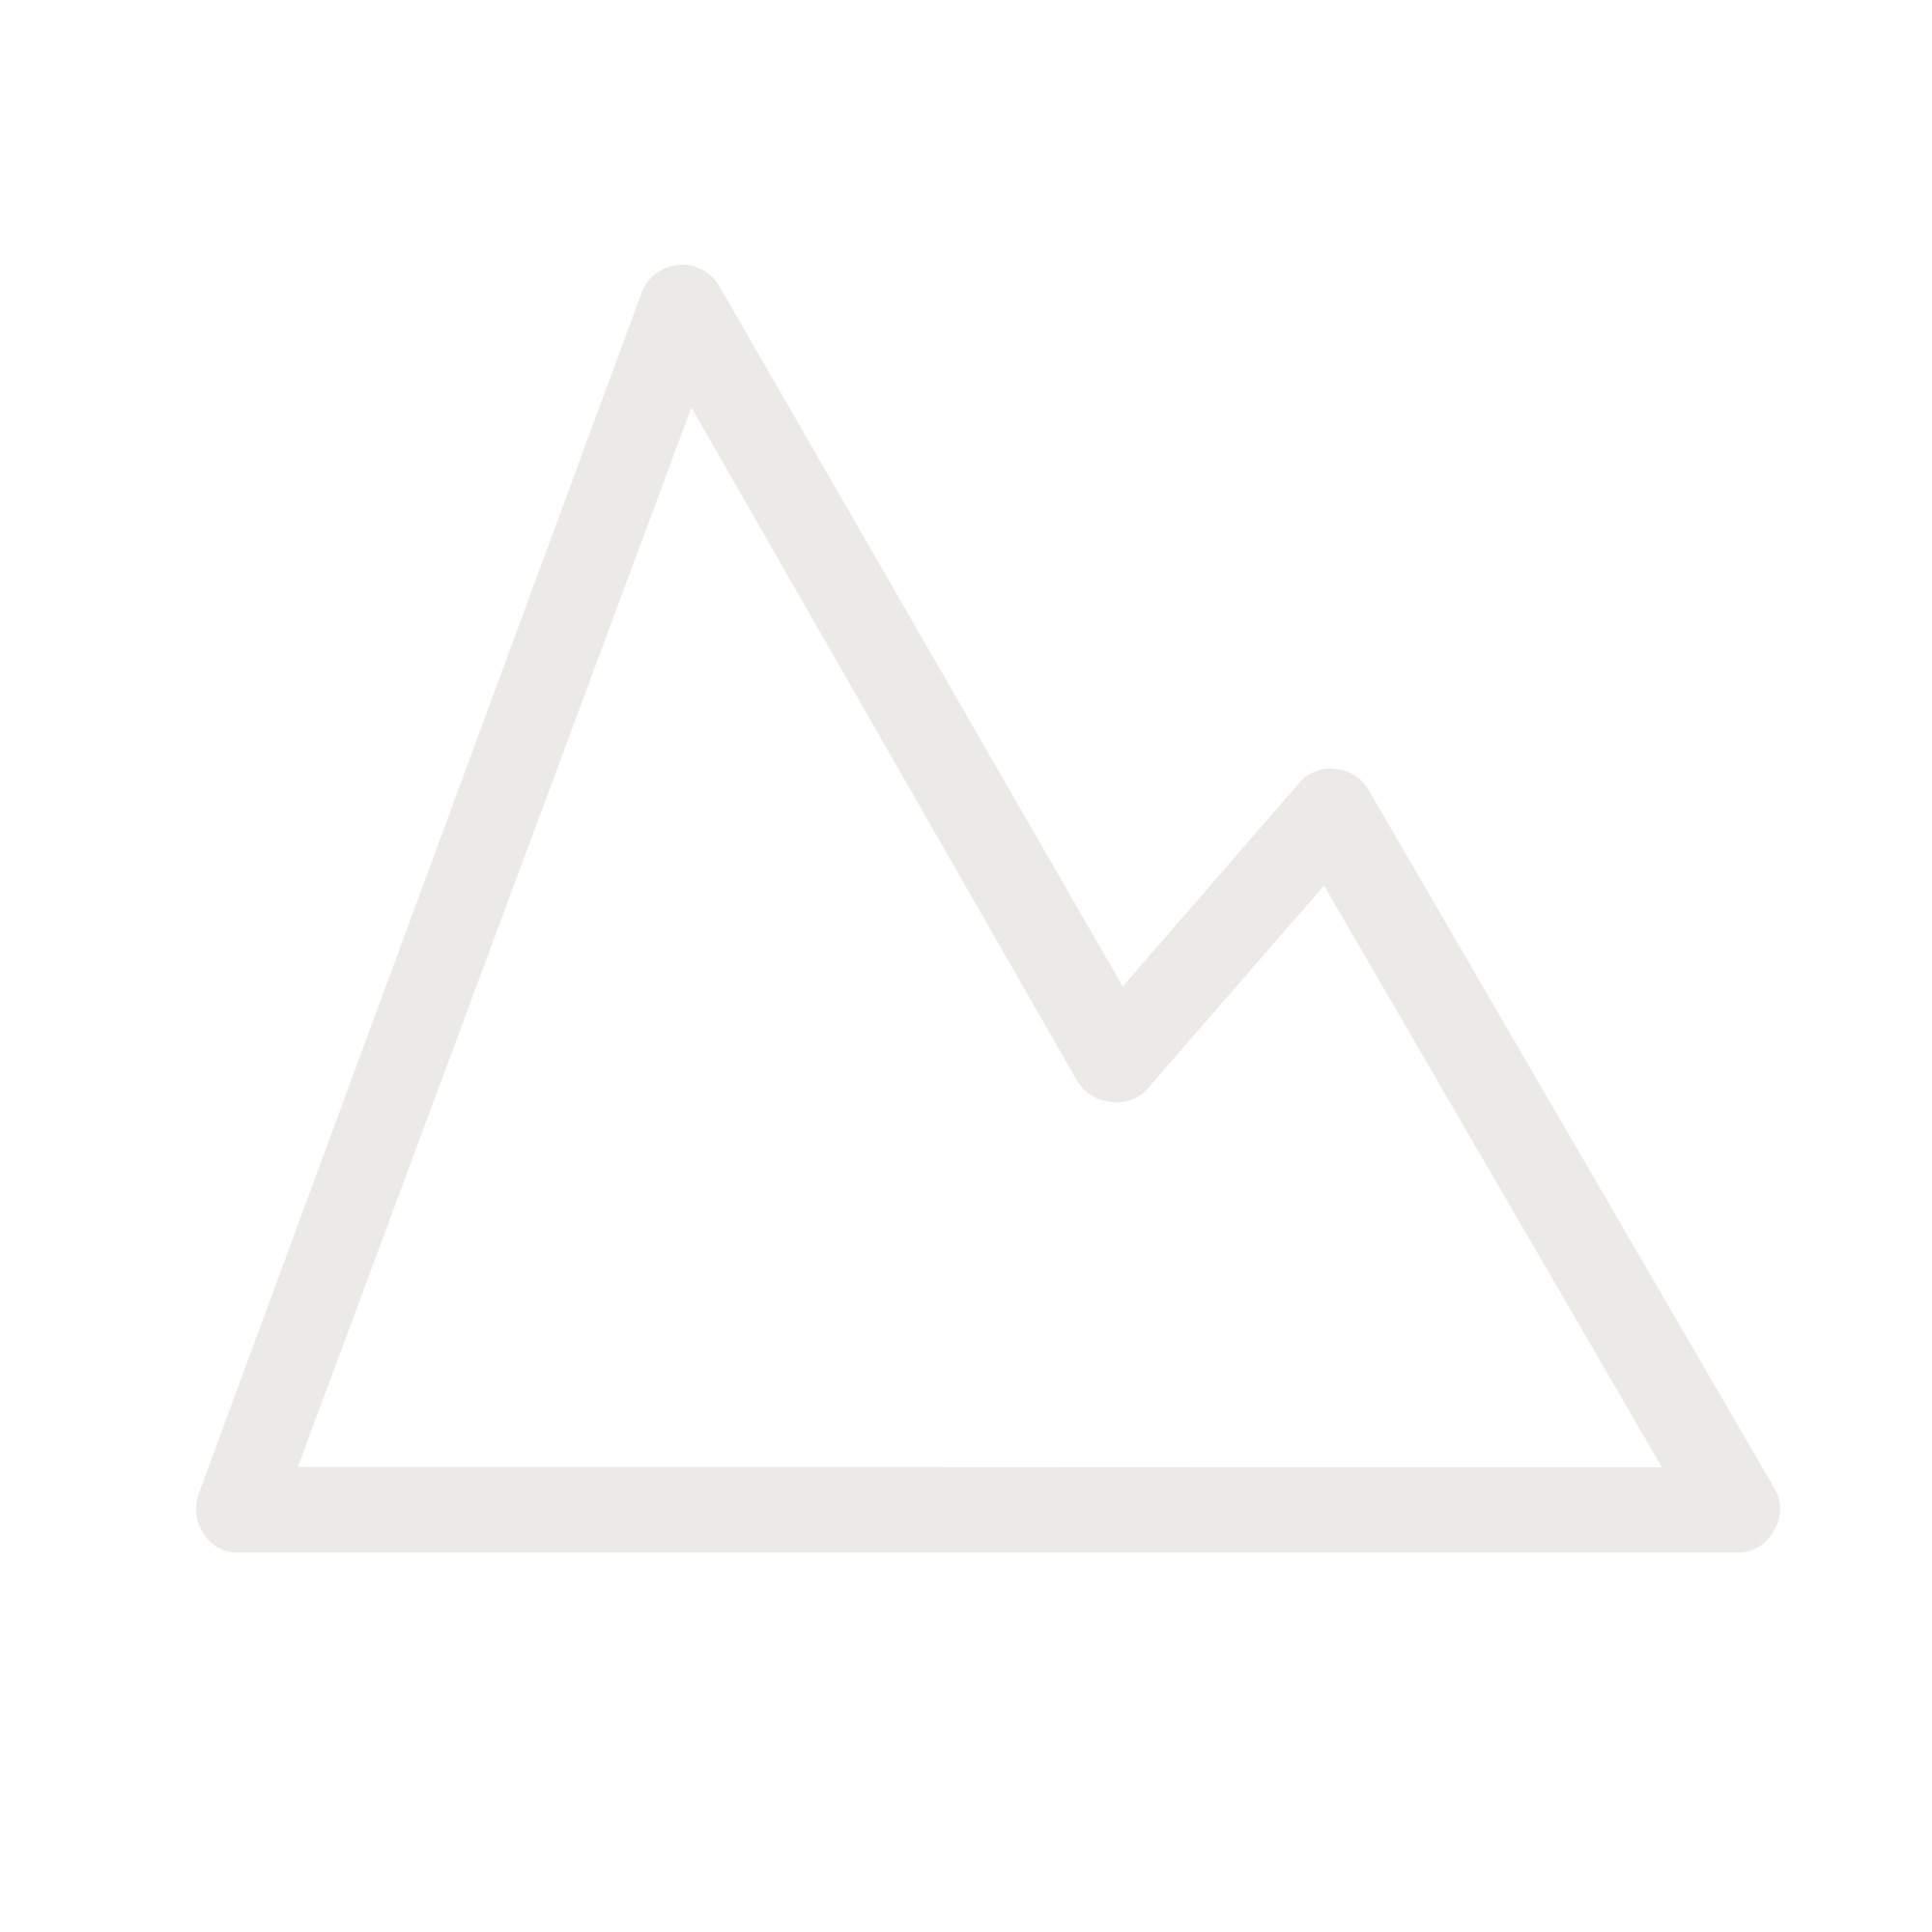 Fjällräven Karl Shorts Herren Gr. 52 - schwarz grau / darkgrey - Sommer-Trekkinghosen 82793 030